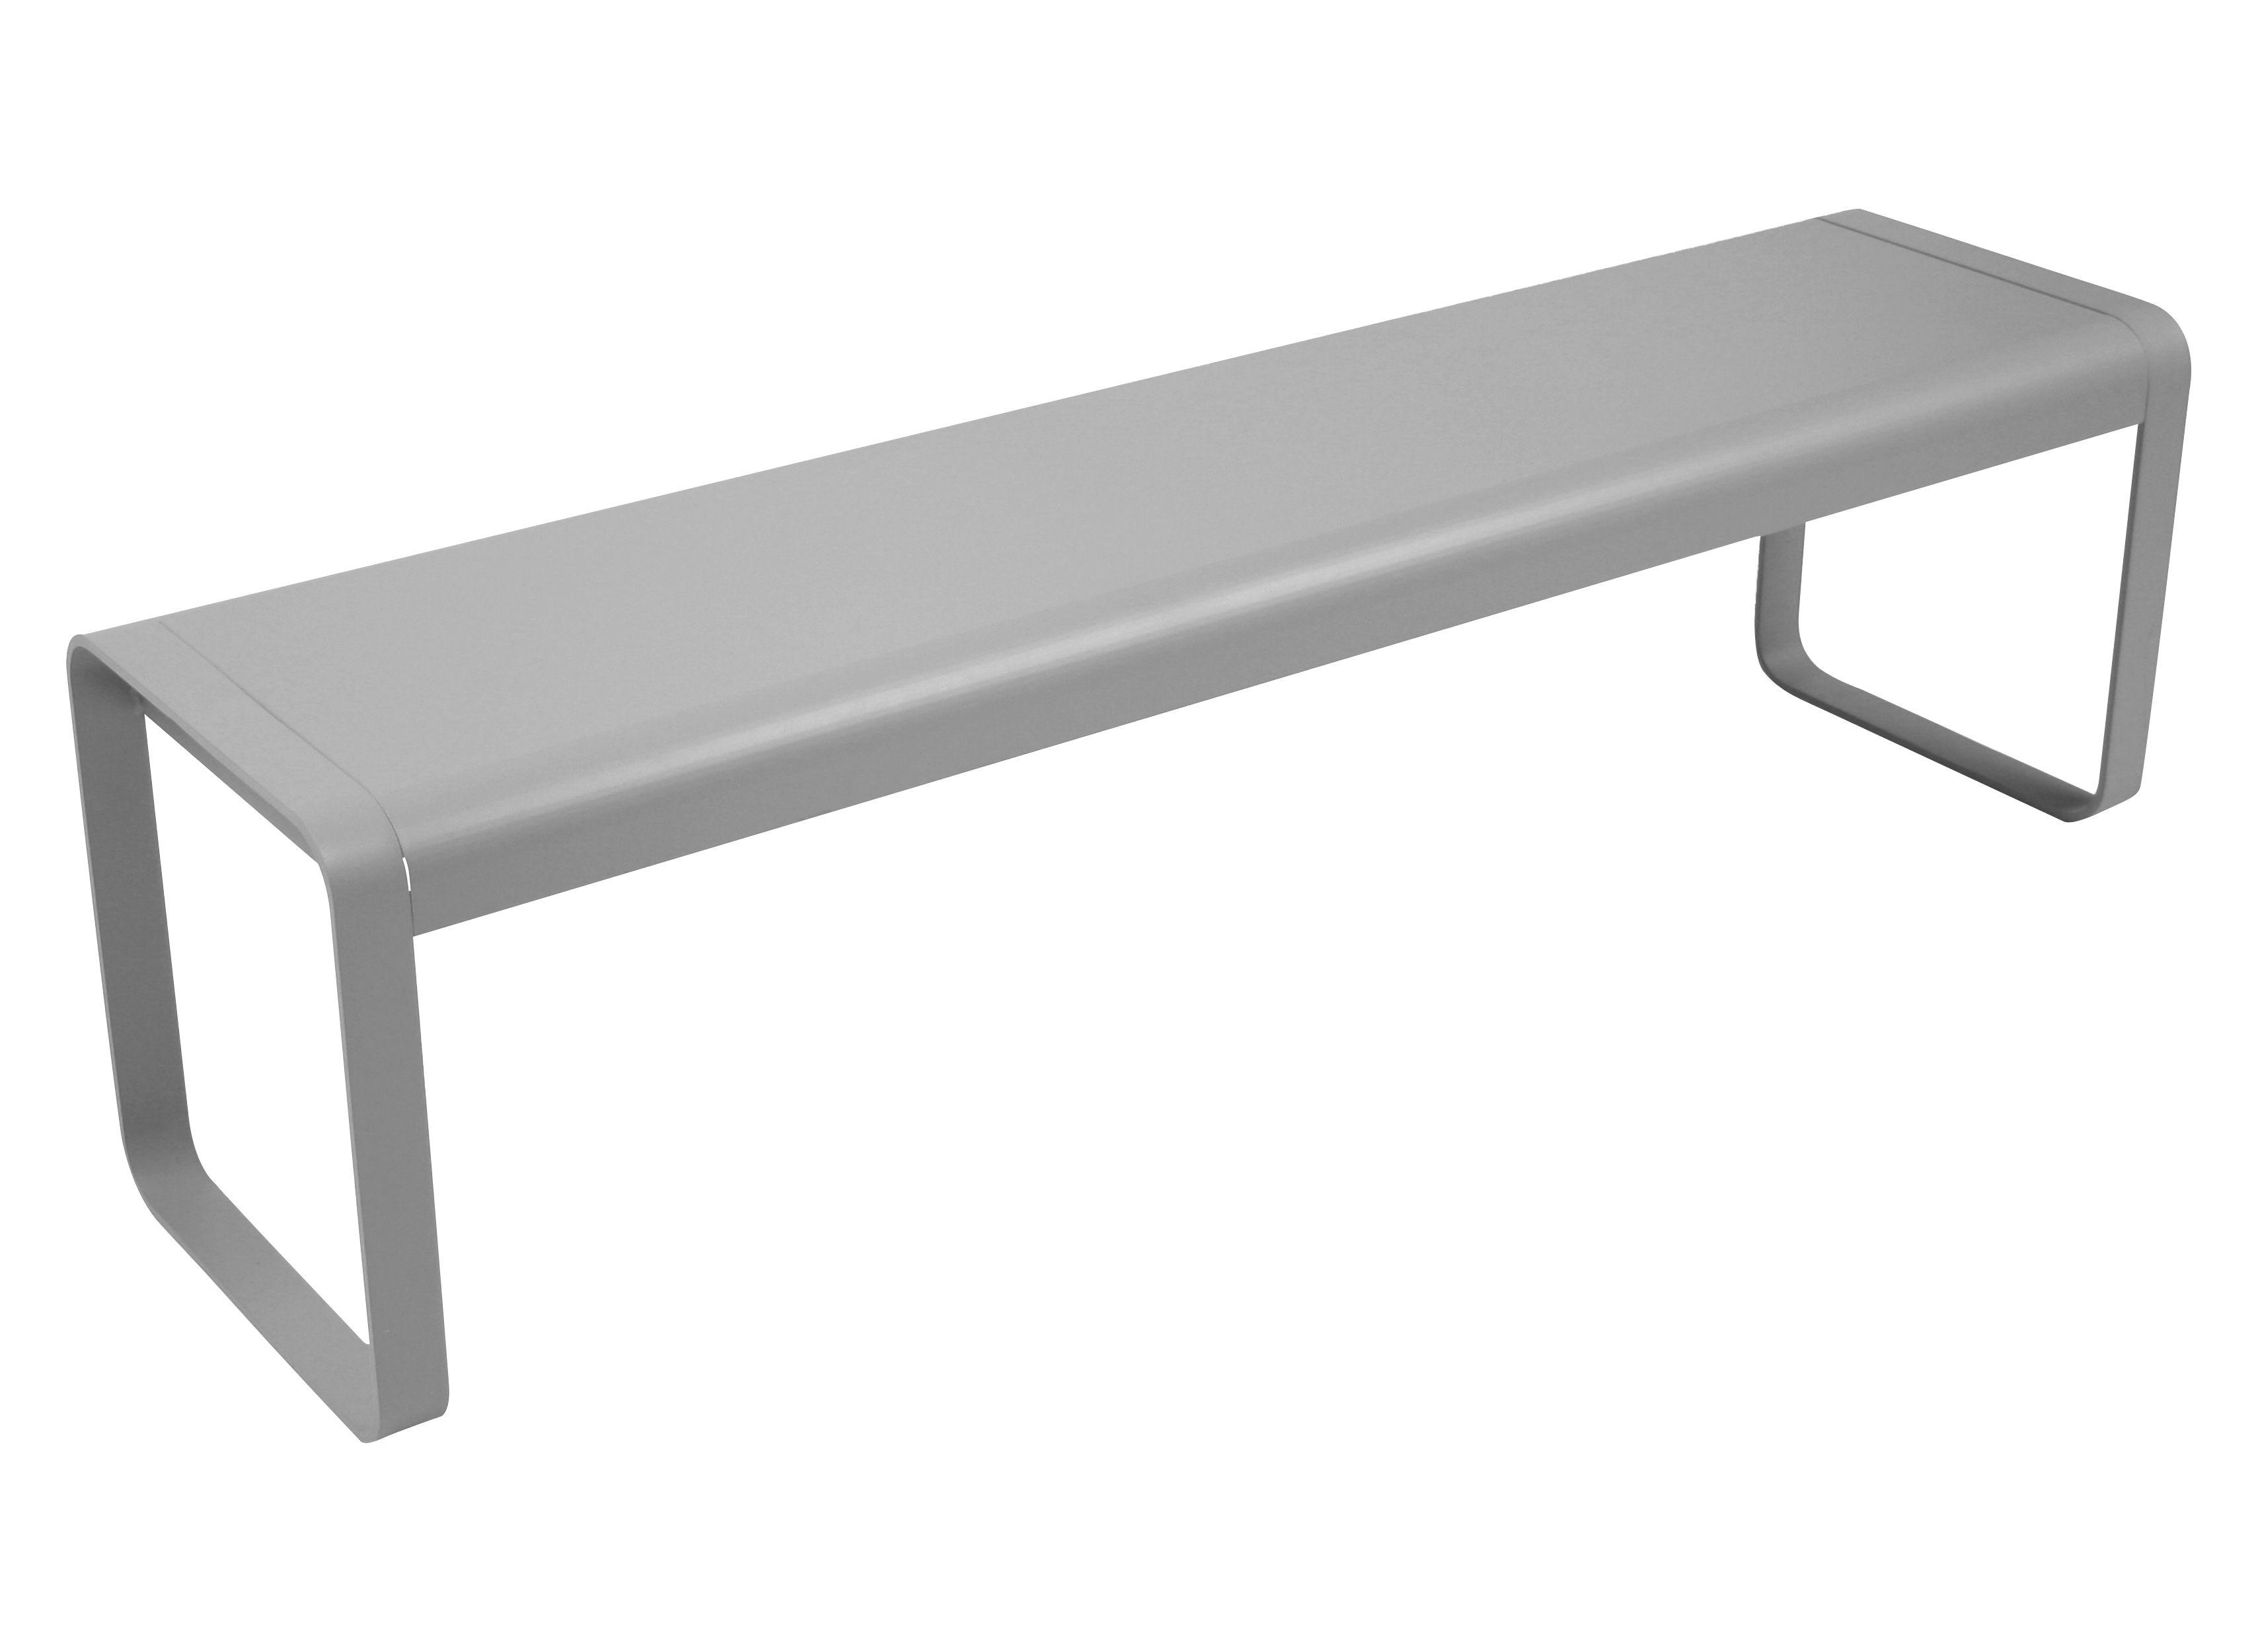 Arredamento - Panchine - Panchina Bellevie - L 161 cm - 4 posti di Fermob - Grigio metallo - Acciaio, Alluminio